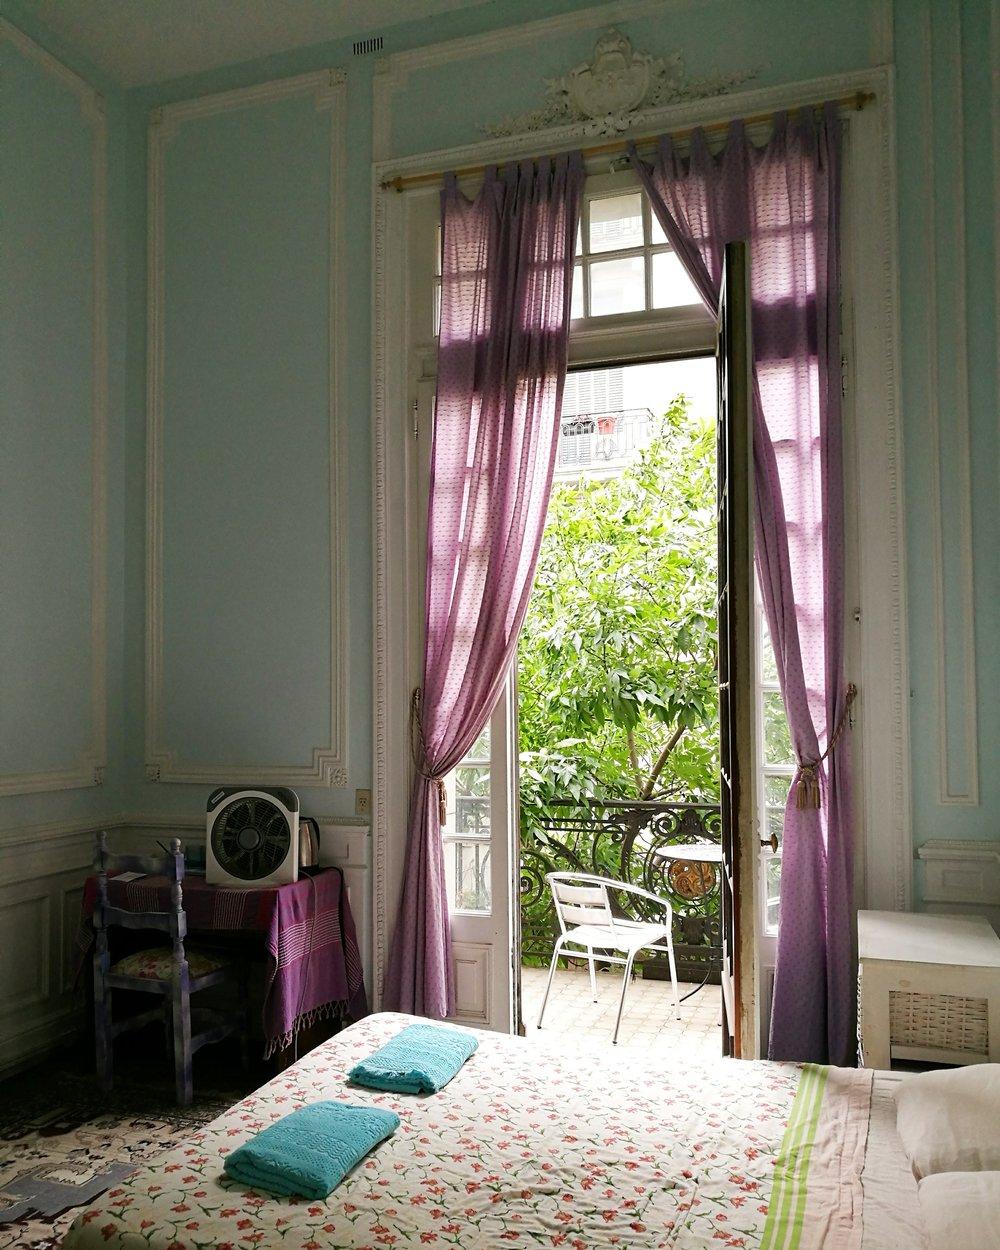 Bokade samma rum, på samma Airbnb som senast. Just så simpel är jag.